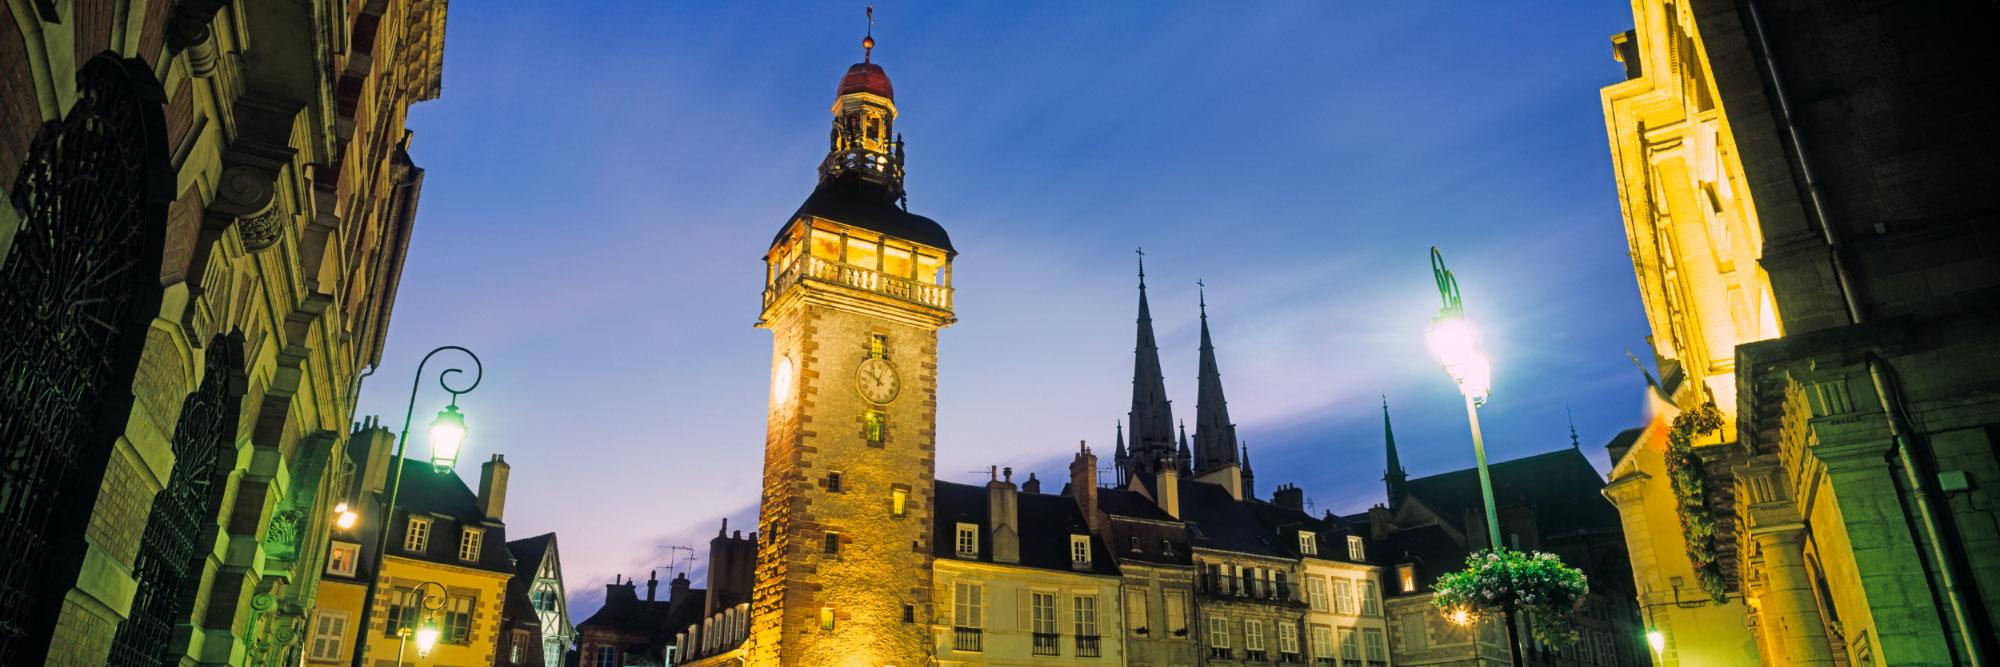 Place, beffroi de Jacquemart, Moulins